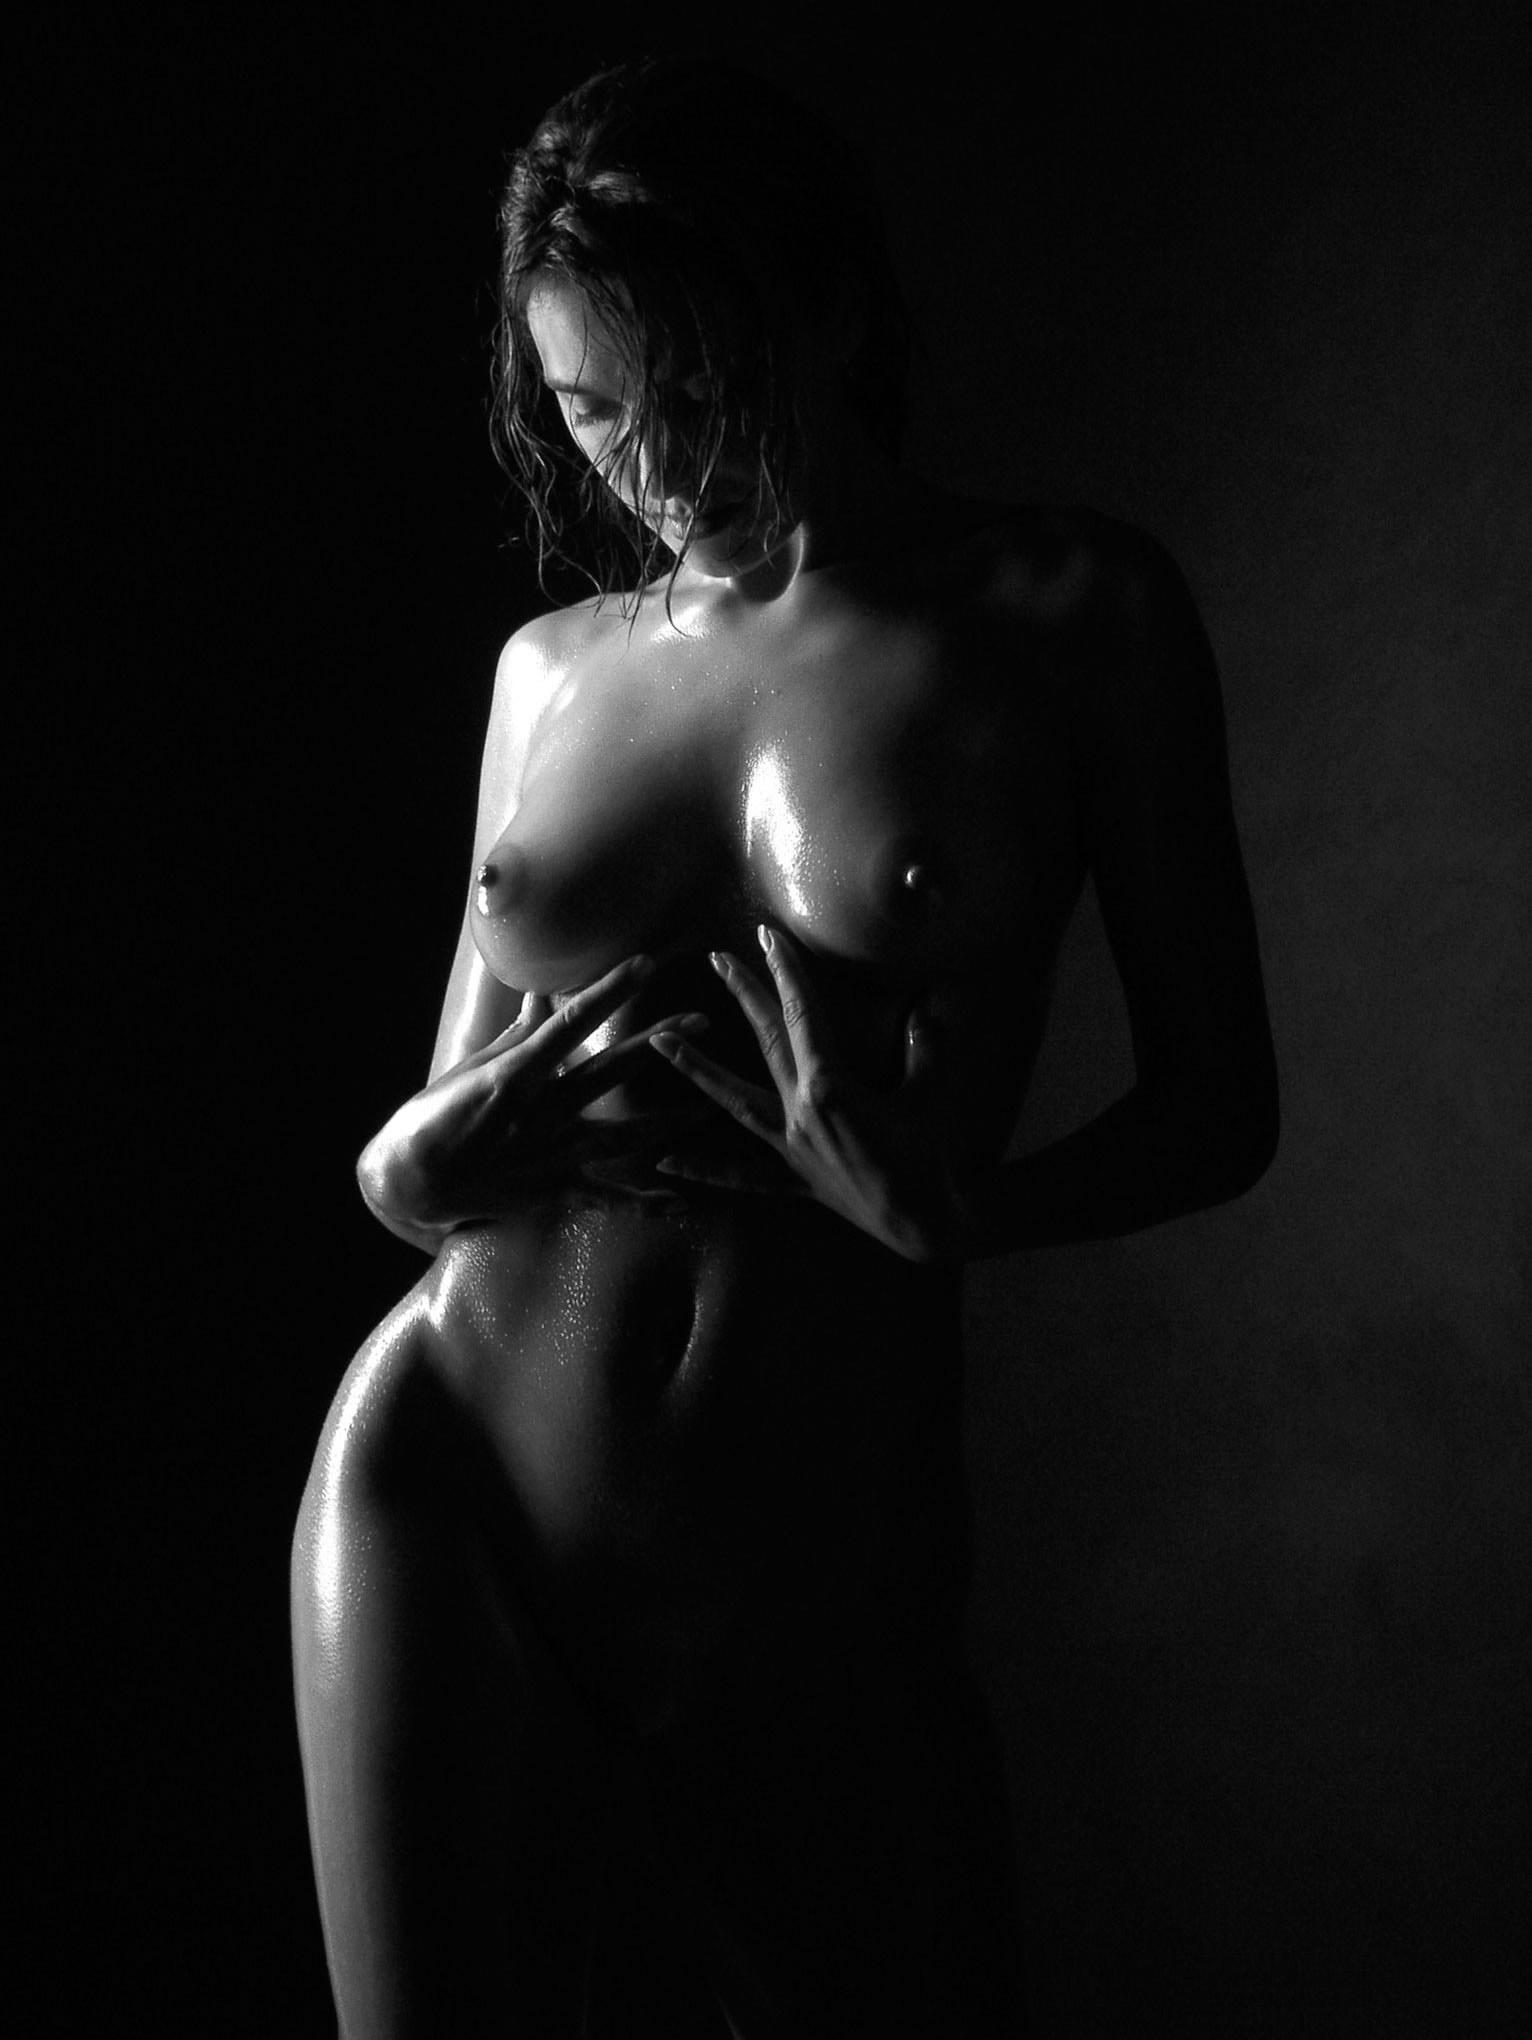 эротика сексуальные фото